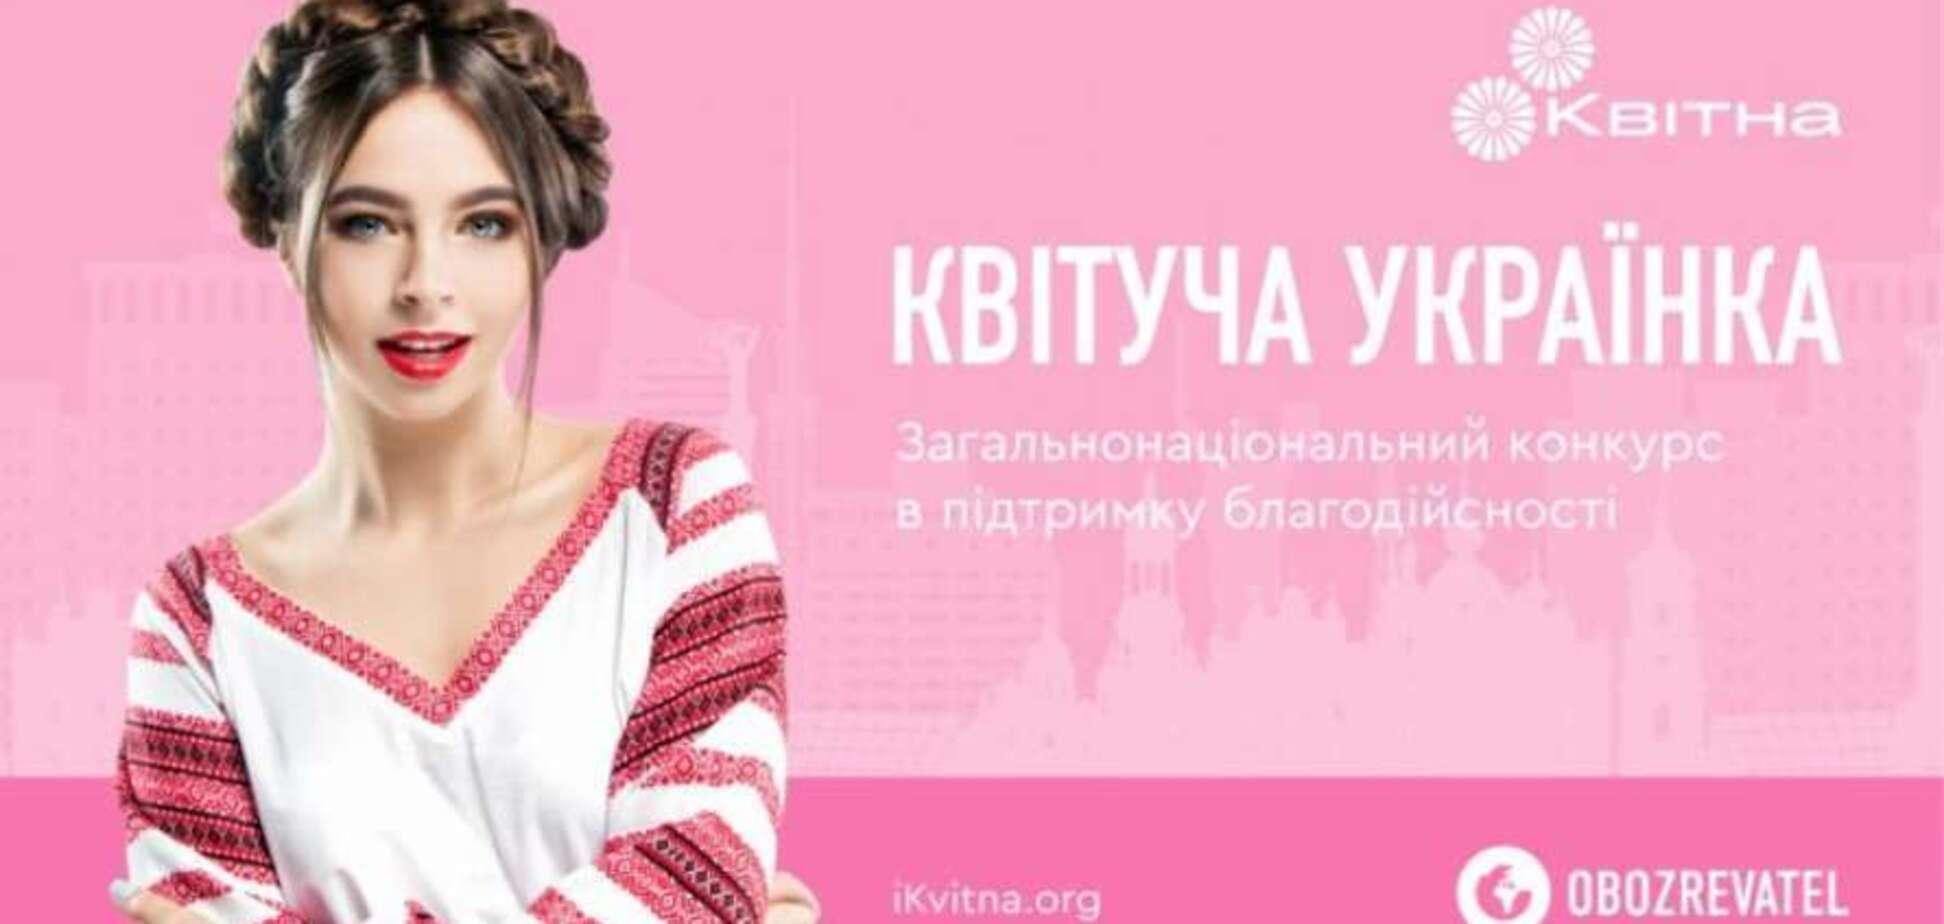 Открыт прием заявок на конкурс красоты и благотворительности 'Квітуча українка'